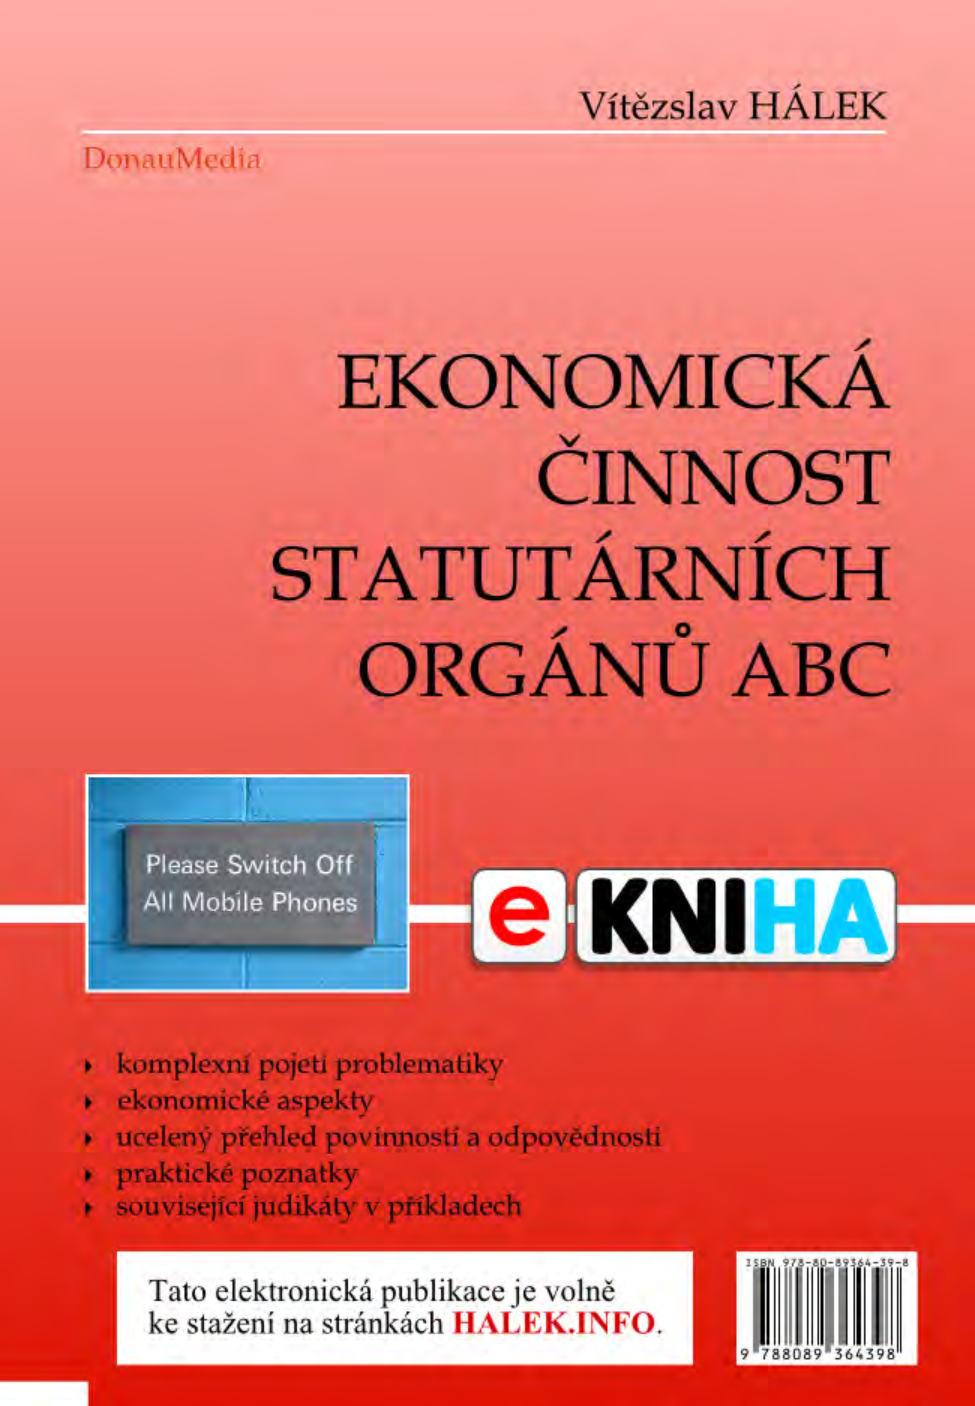 Ekonomická činnost statutárních orgánů ABC